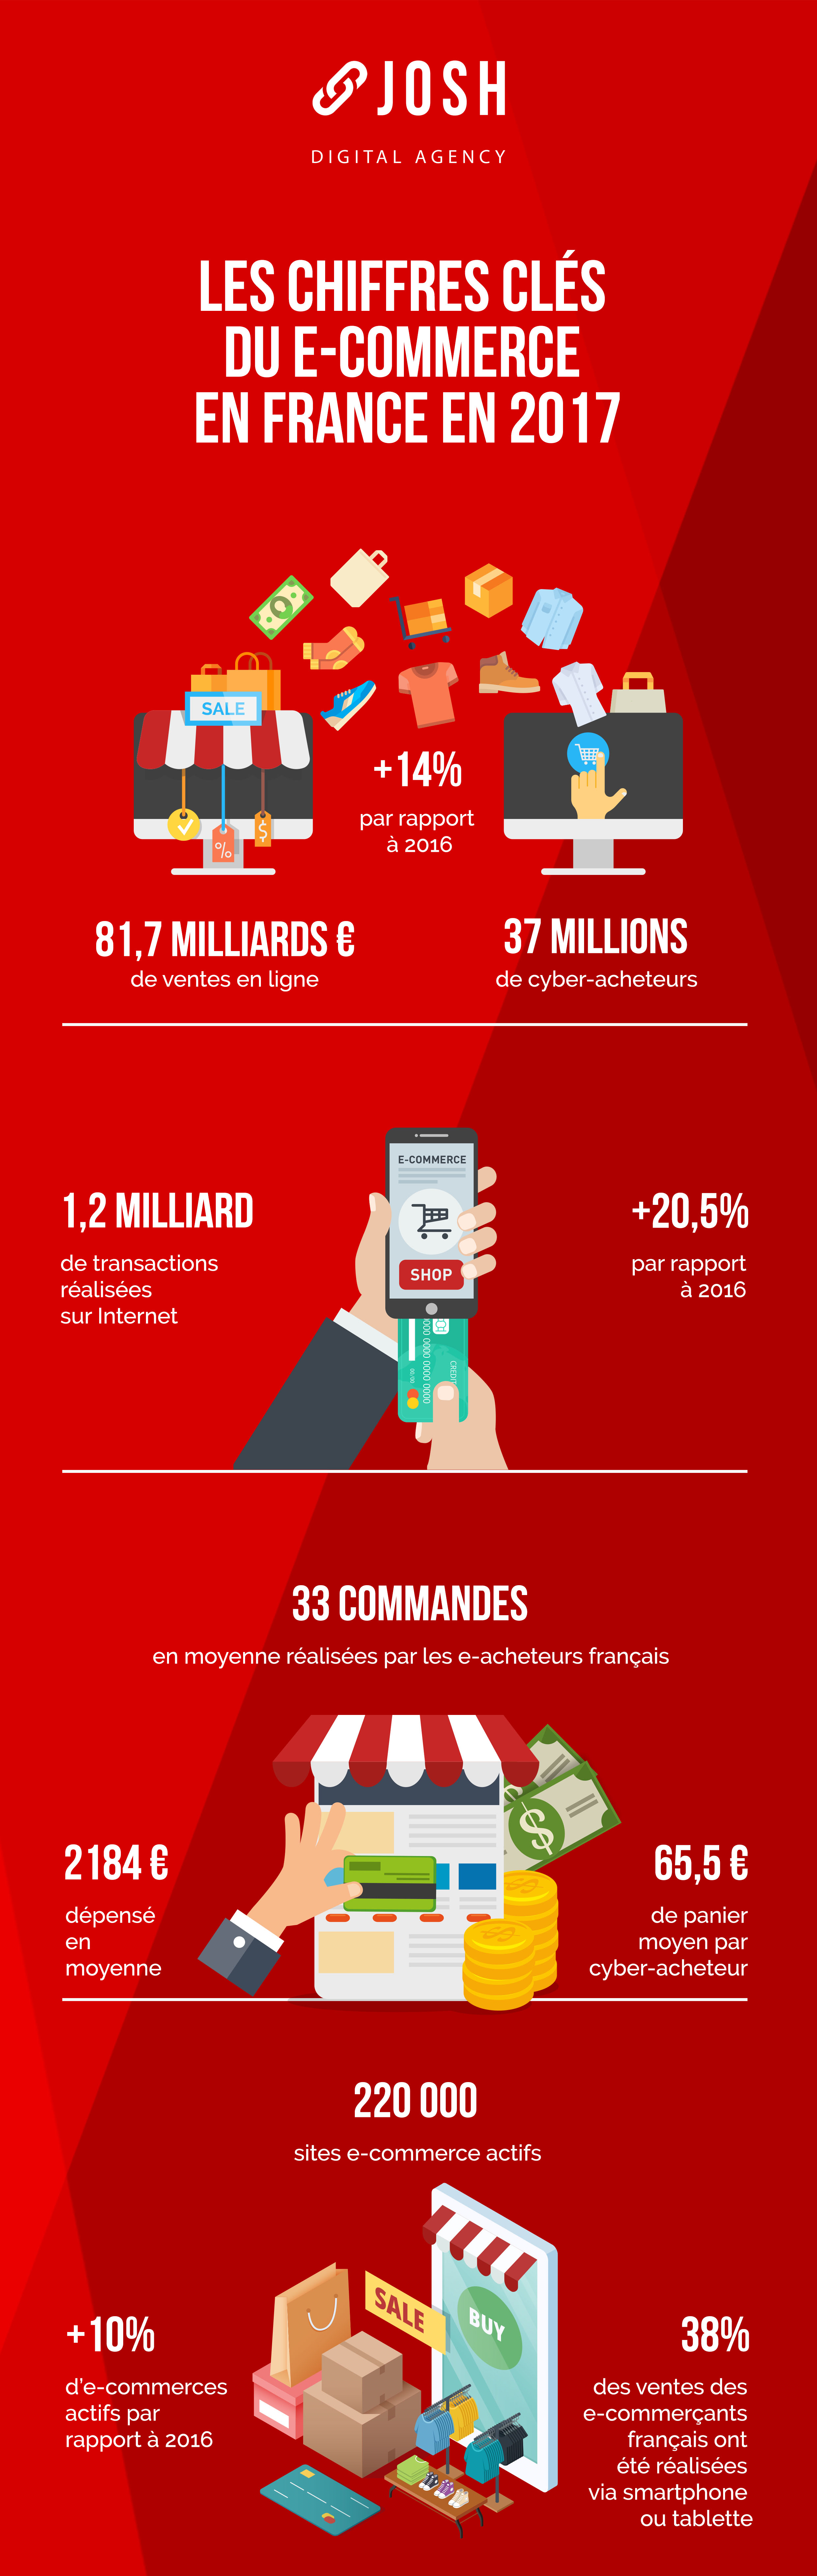 Infographie   Les Chiffres-cl U00e9s De L U0026 39 E-commerce En 2017